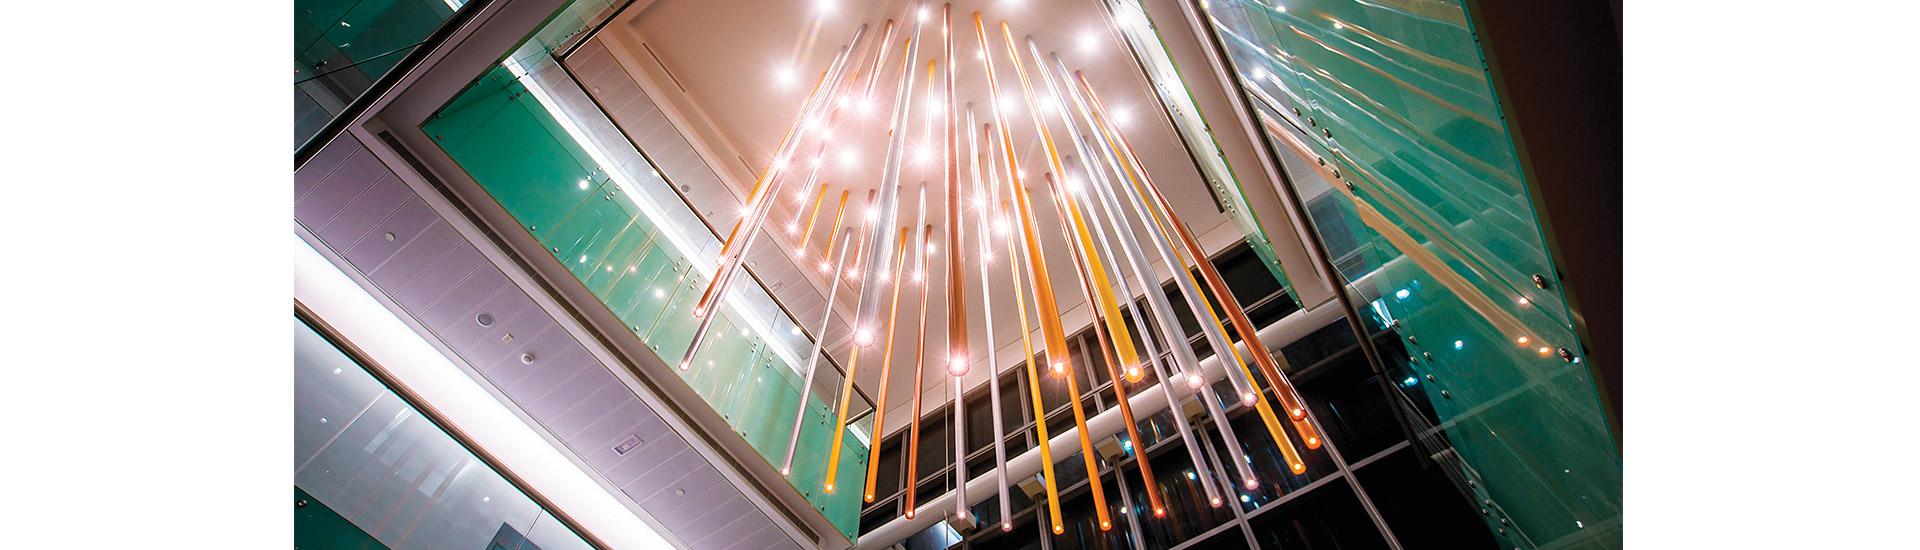 Dali Pipe Structure - B Light